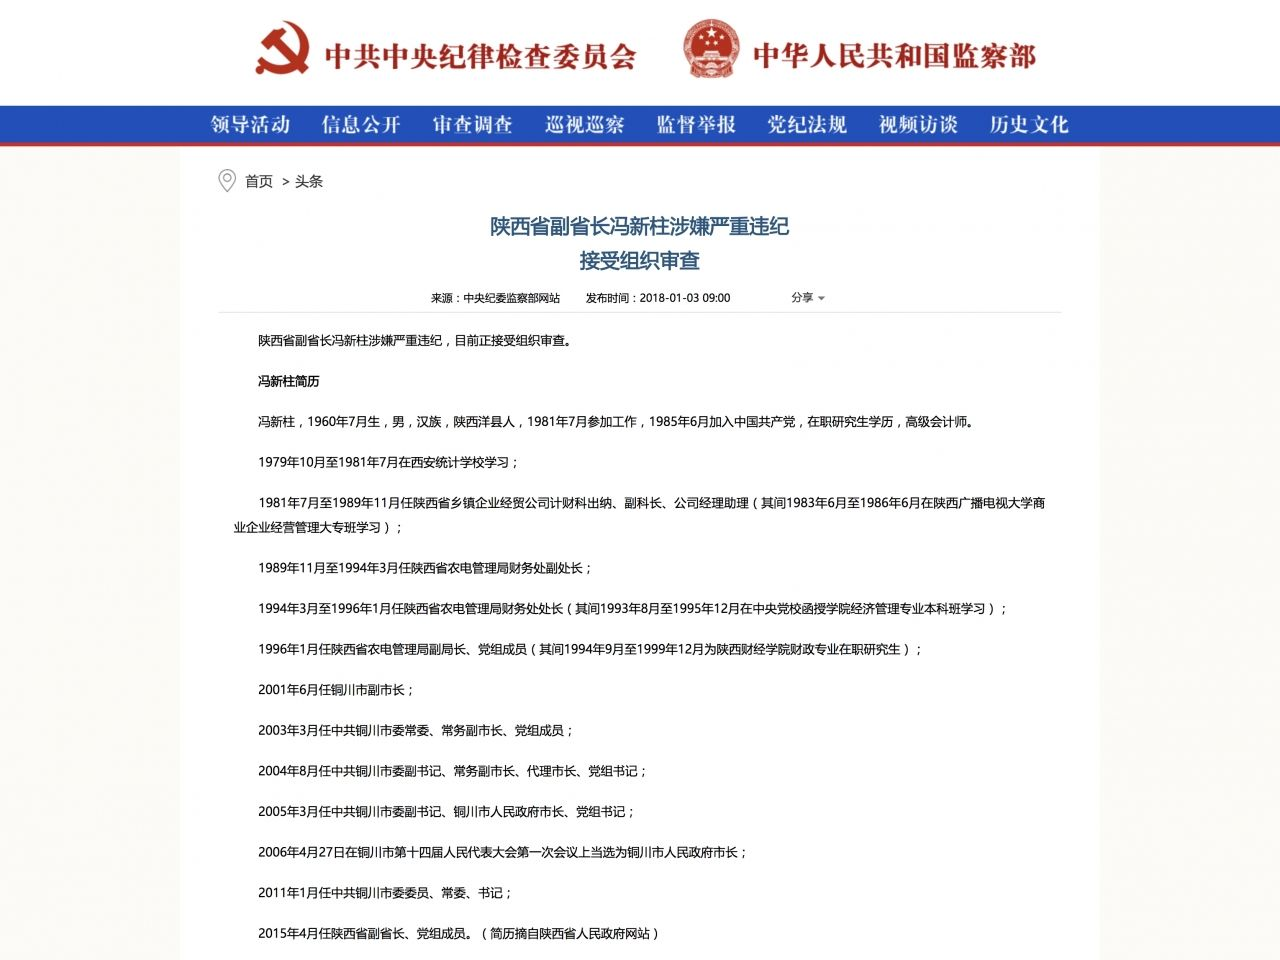 陝西省副省長馮新柱受查